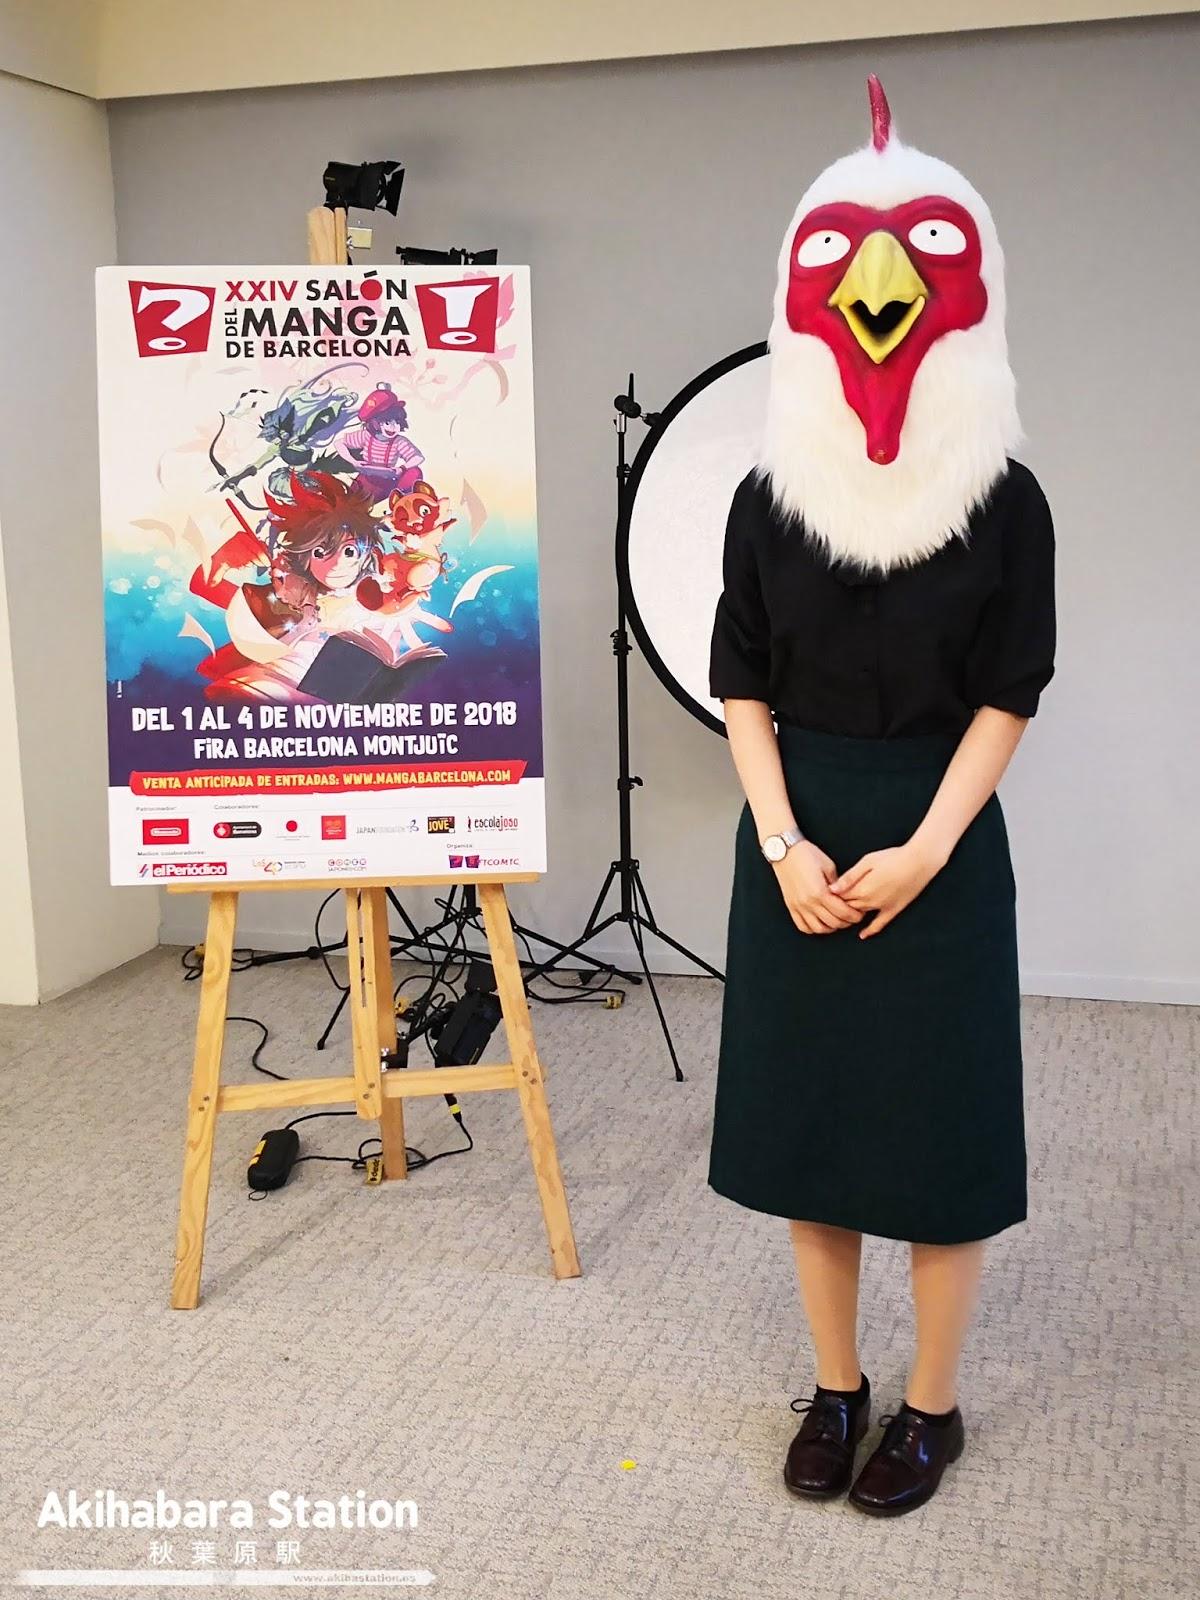 Por cierto, la mangaka de Beastars siempre aparece en público con un cabeza de pollo. ¡Paru Itagaki es la mejor!